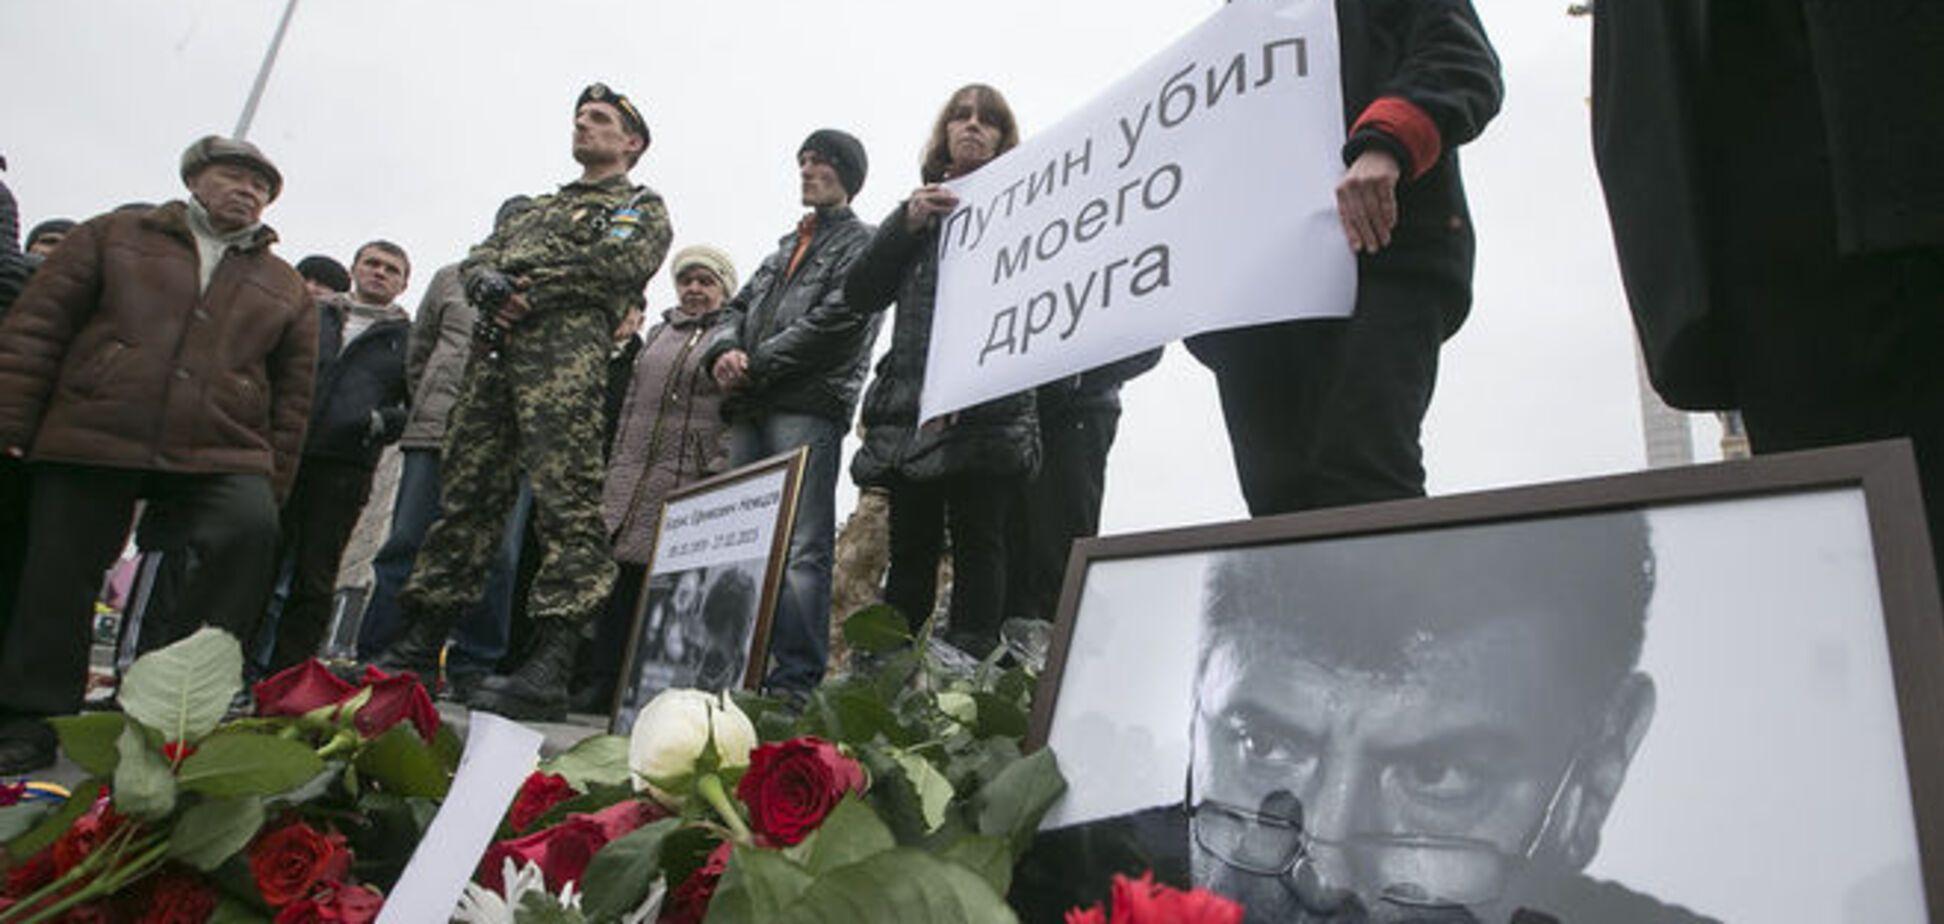 Установлена внешность убийцы Немцова, который скрылся на авто с осетинскими номерами - СМИ